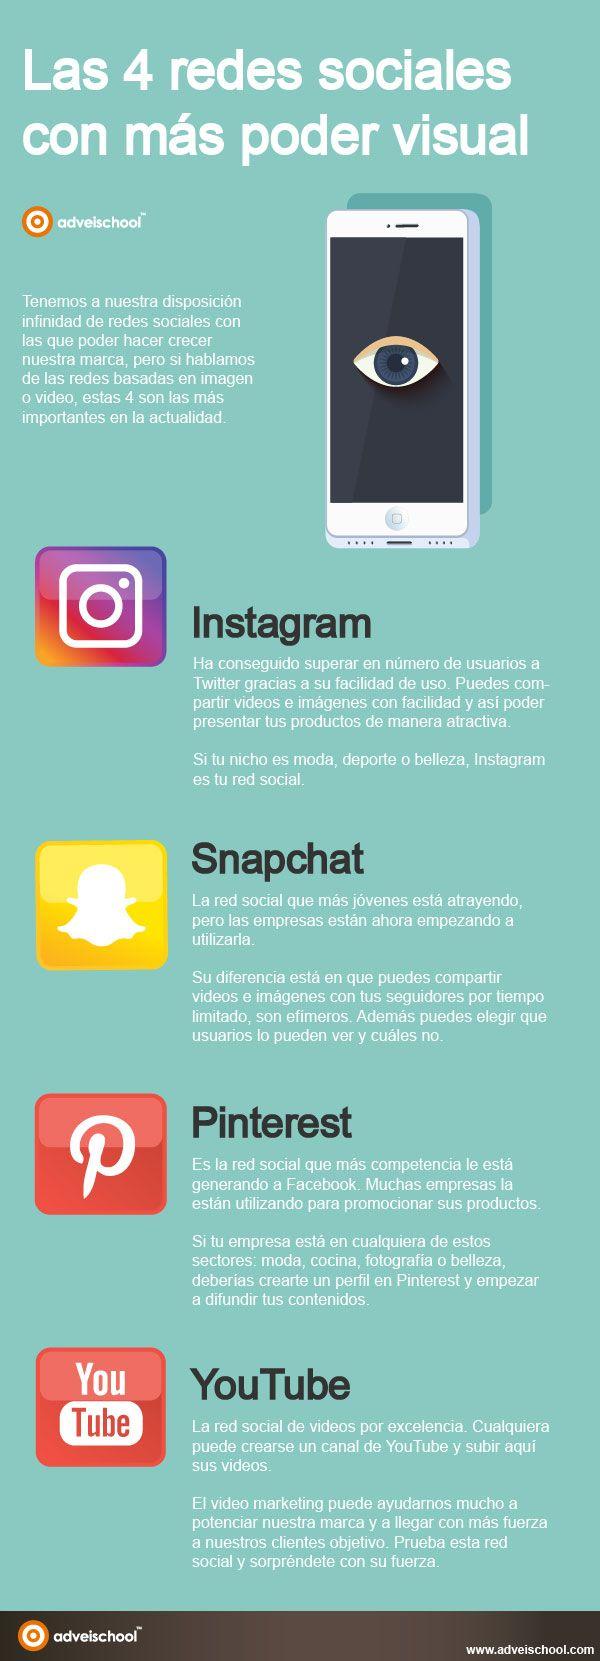 Las redes sociales con poder visual de 2016 #Infografía